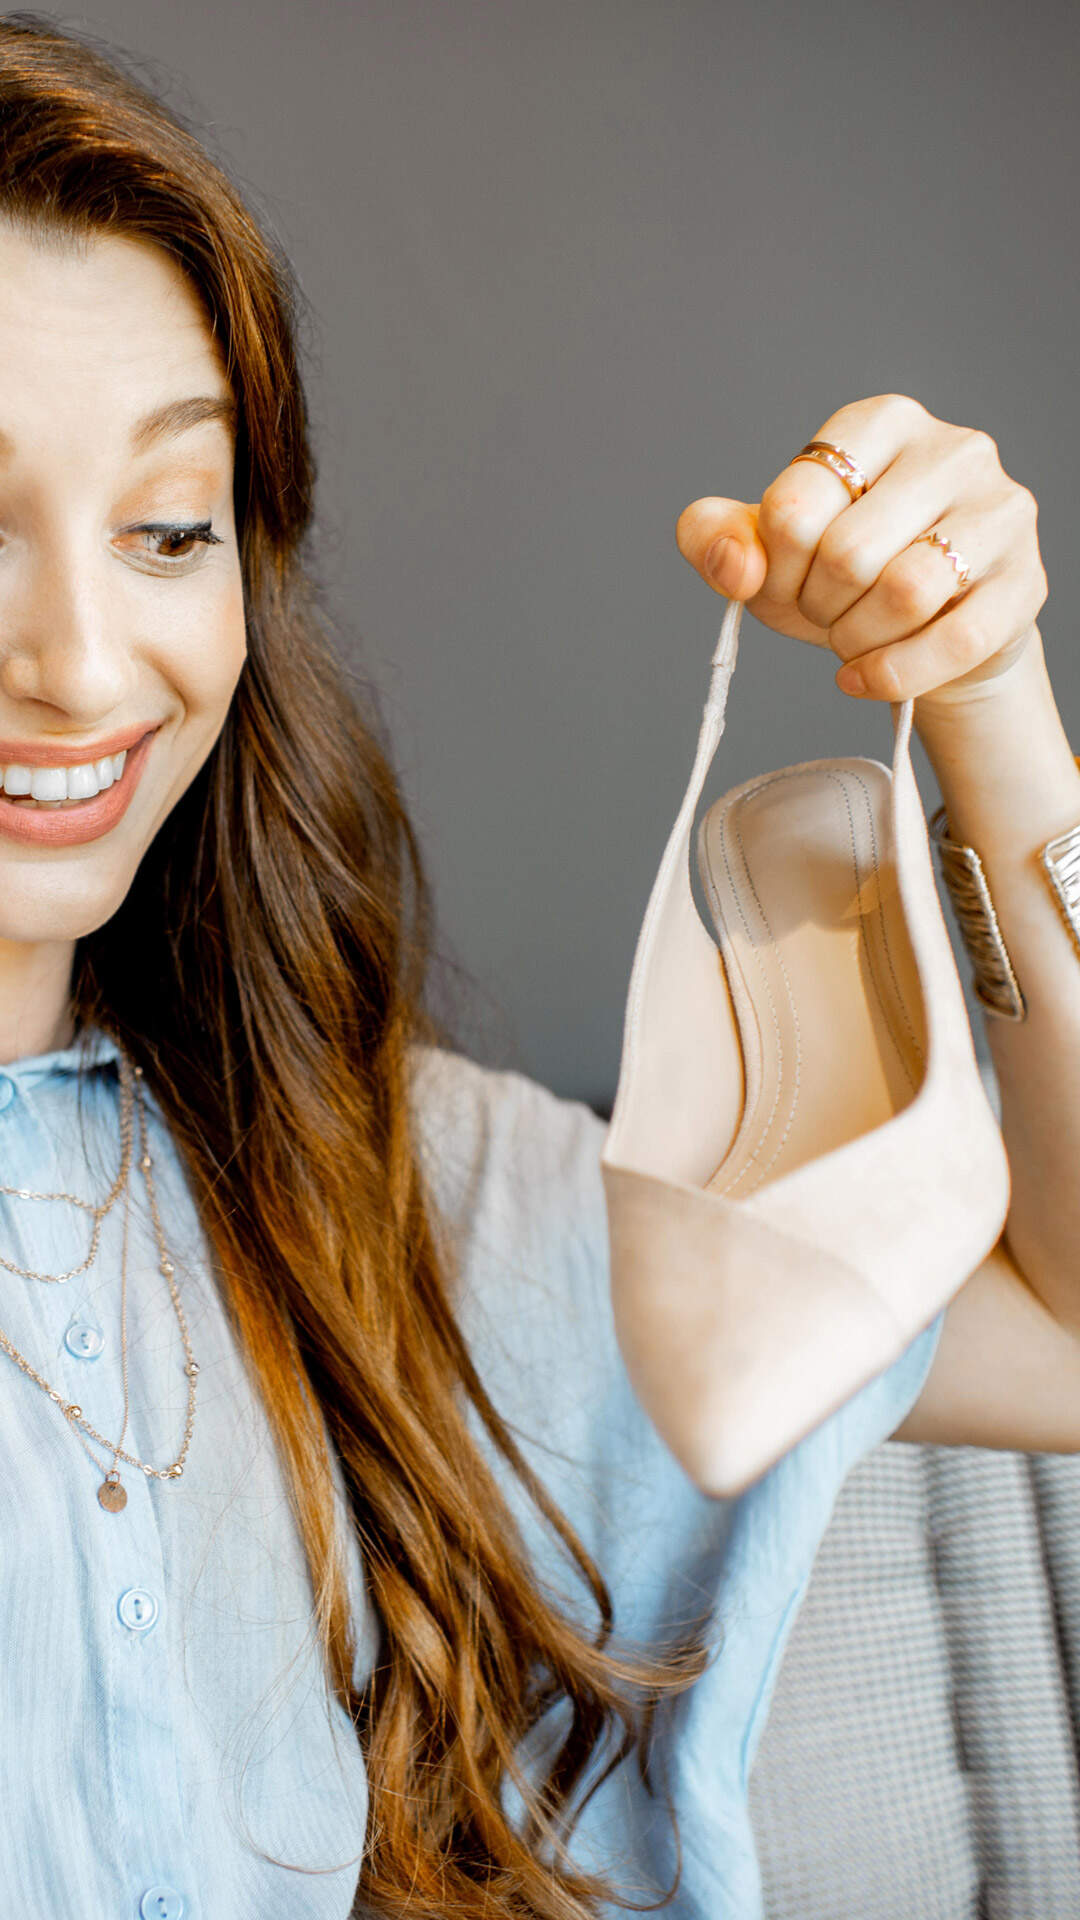 Rüyada yeni ayakkabı almak ne anlama gelir?